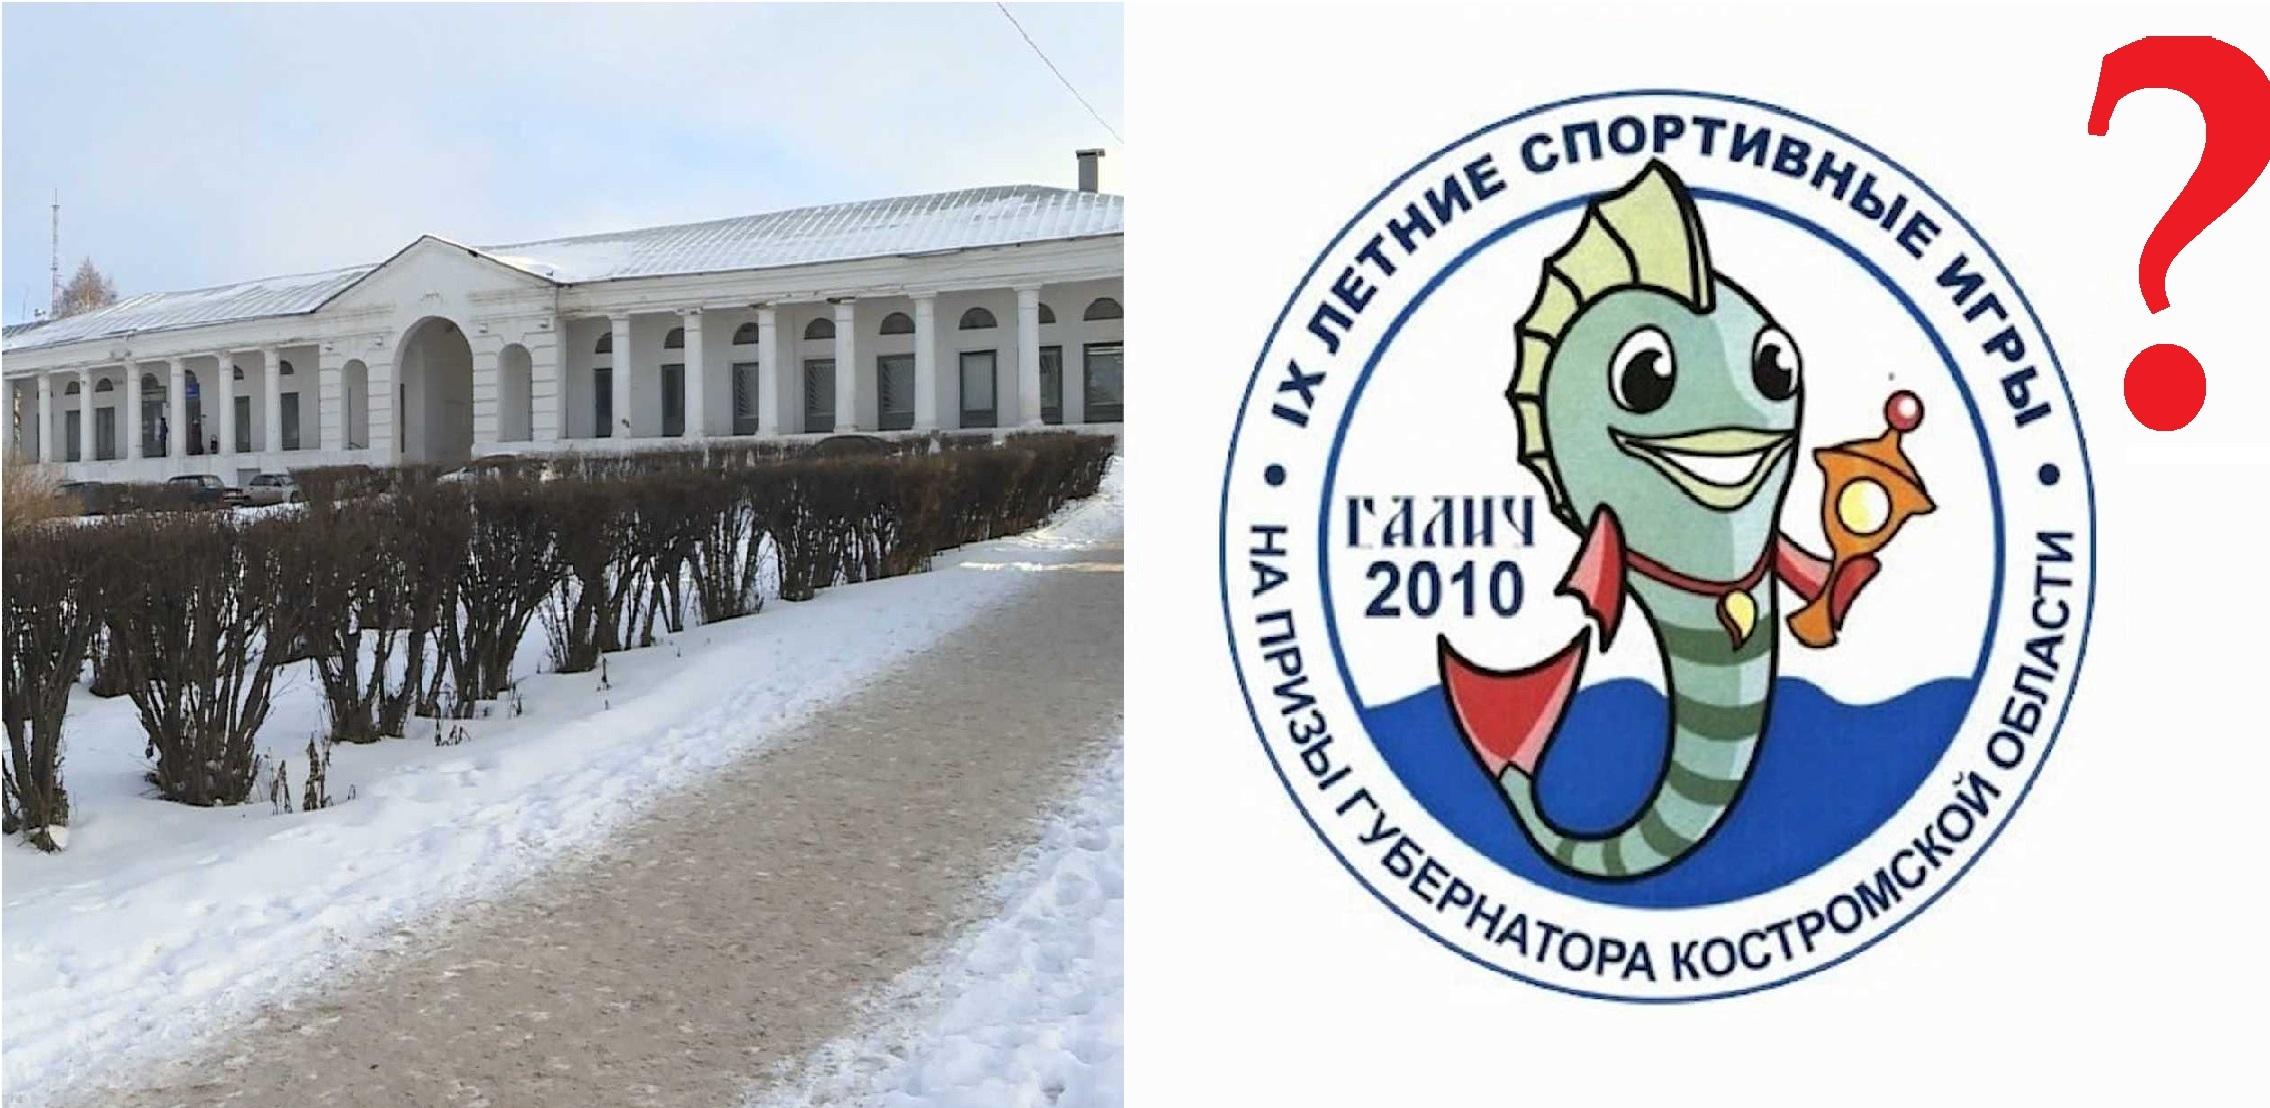 менее часа назад                                                                                                                                                                                                                                                                                               Жители костромского райцентра придумают символ областной олимпиады                                                                Ерша, символизировавшего прежние губернаторские игры в Галиче, может заменить щука.